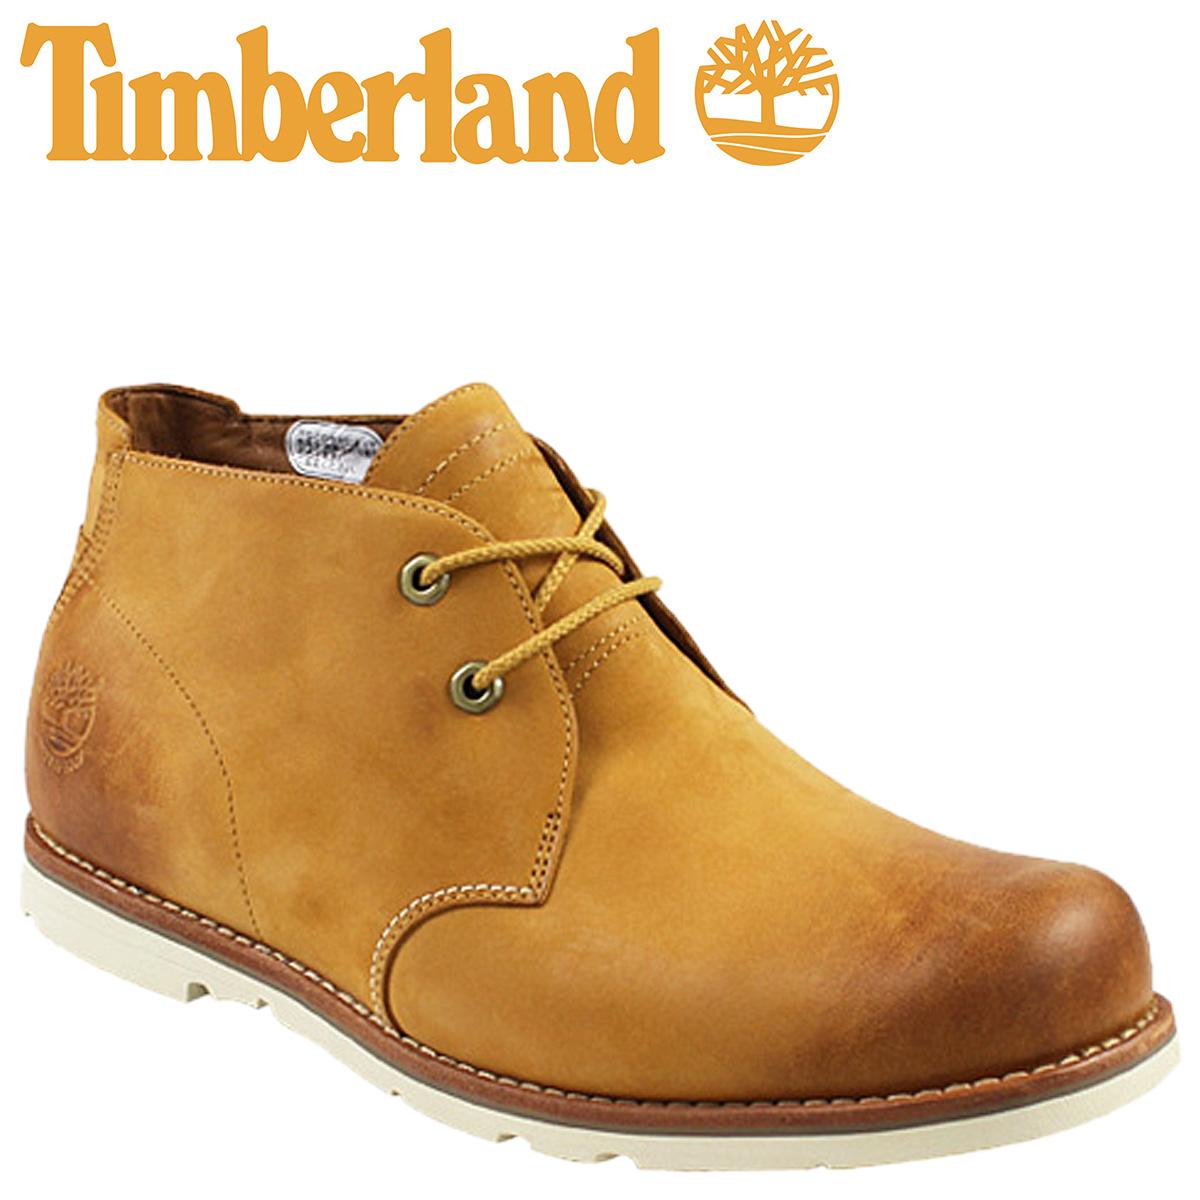 Timberland Ek Rugged Lt Plain Toe Chukka